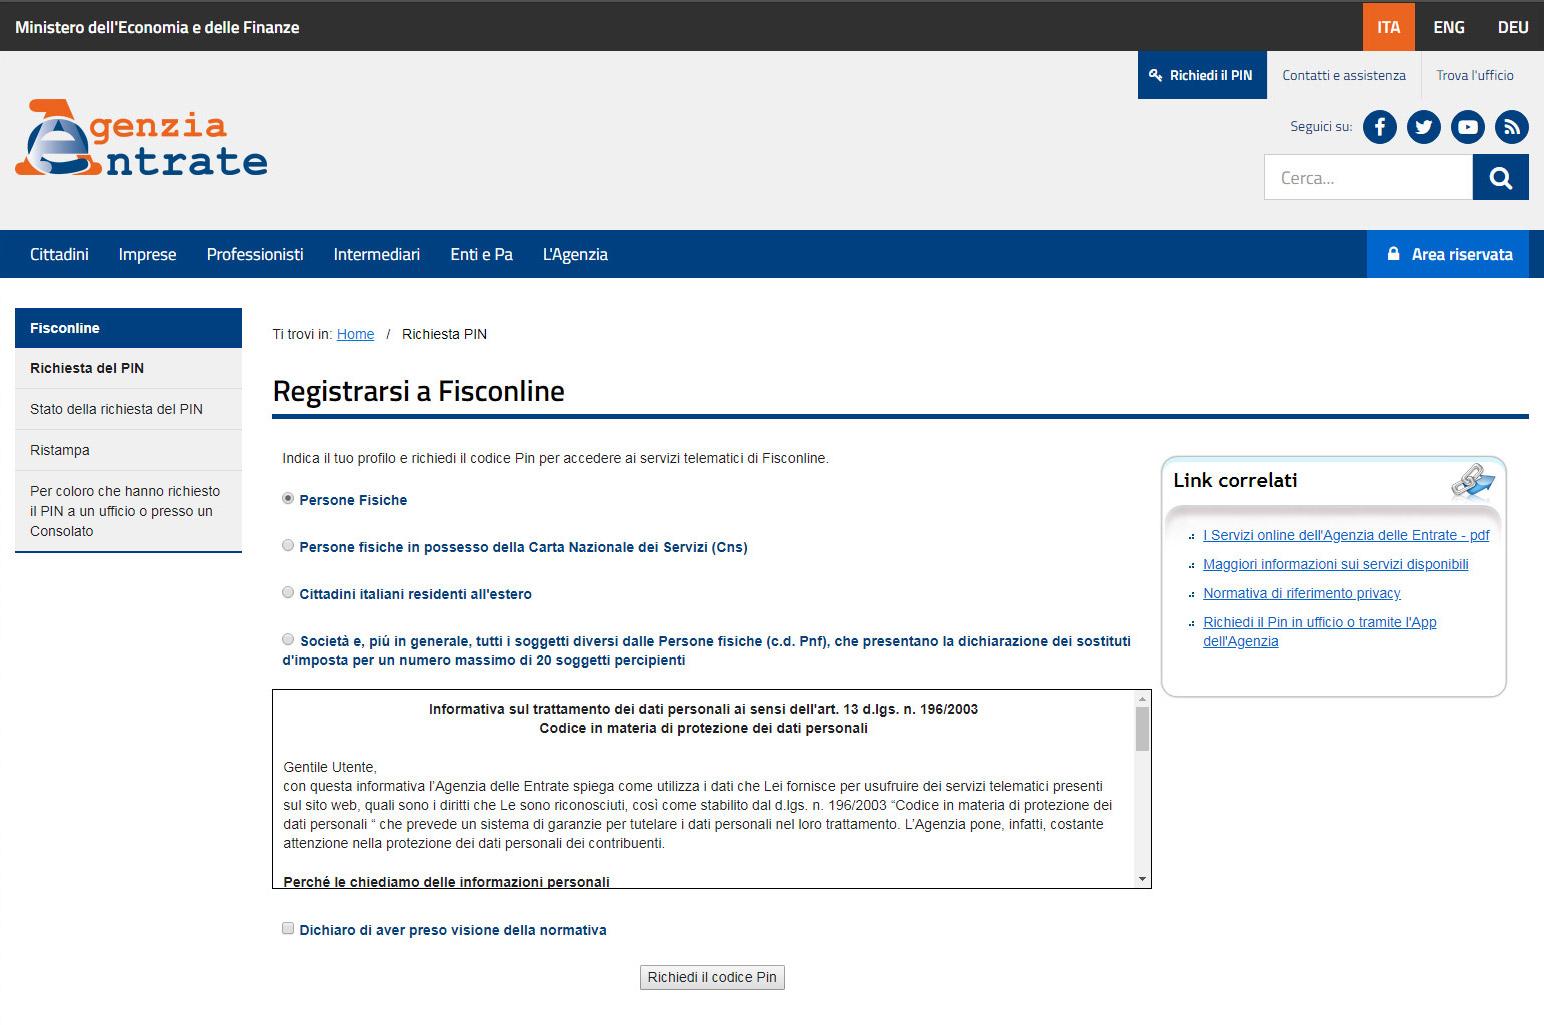 Agenzia Entrate - Registrazione persona fisica